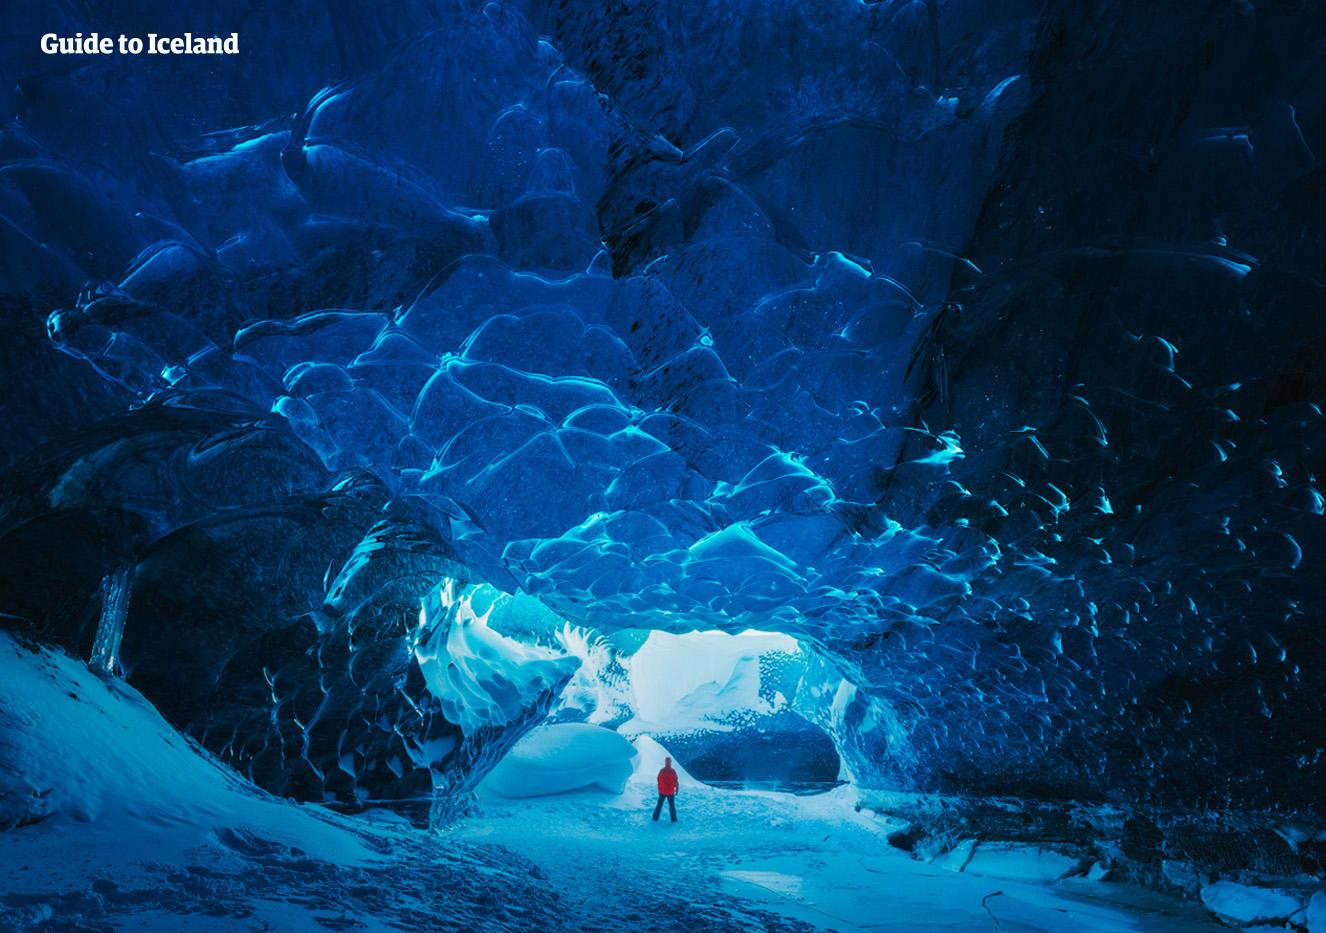 瓦特纳冰川下的神秘蓝冰洞展现着最纯净的蓝